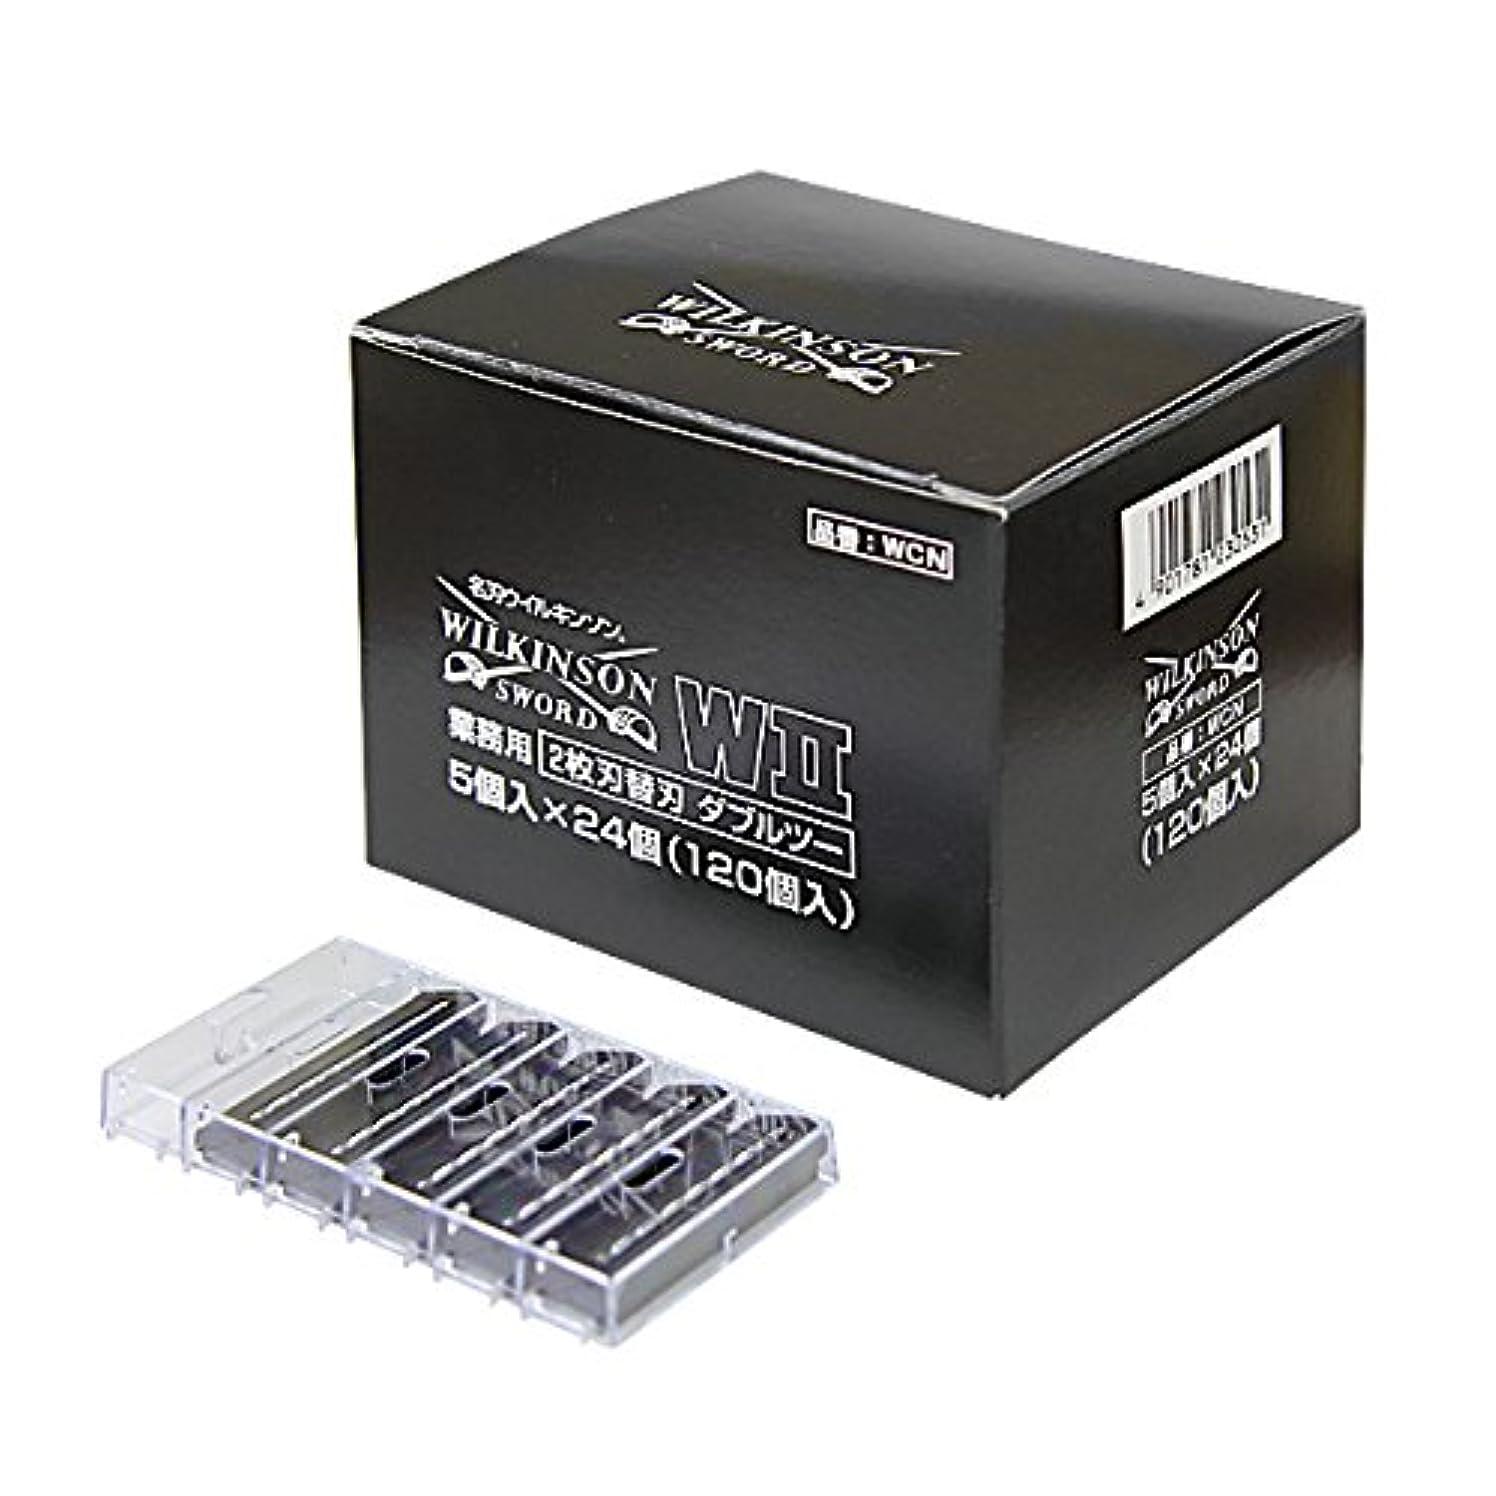 に付ける実験下着ウィルキンソン?ソード W2(ダブルツー)替刃 5個×24(1箱120個)二枚刃式 WILKINSON W2